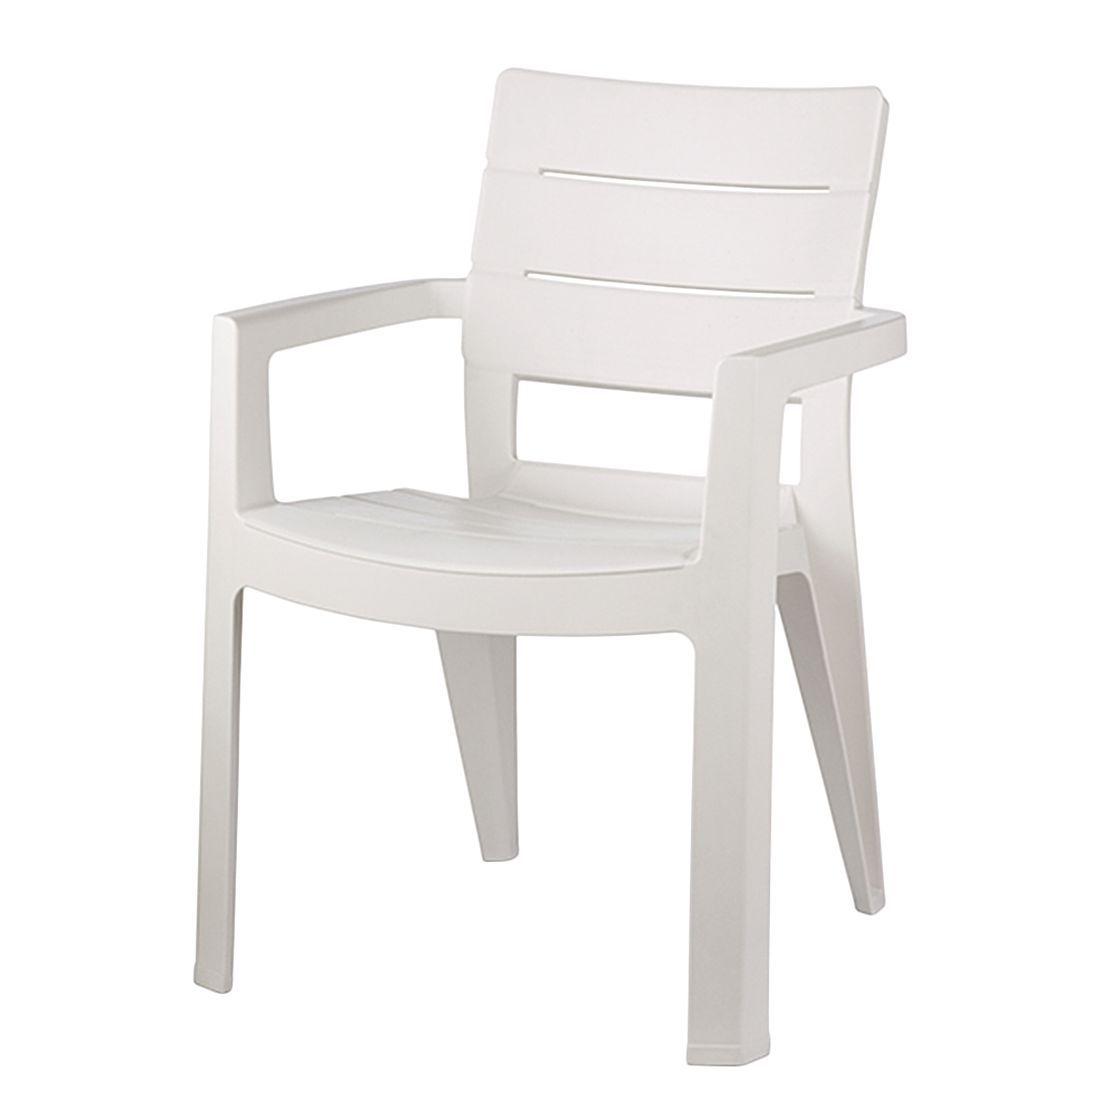 Stapelstuhl Miramar - Kunststoff Weiß, Jardin Jetzt bestellen ...